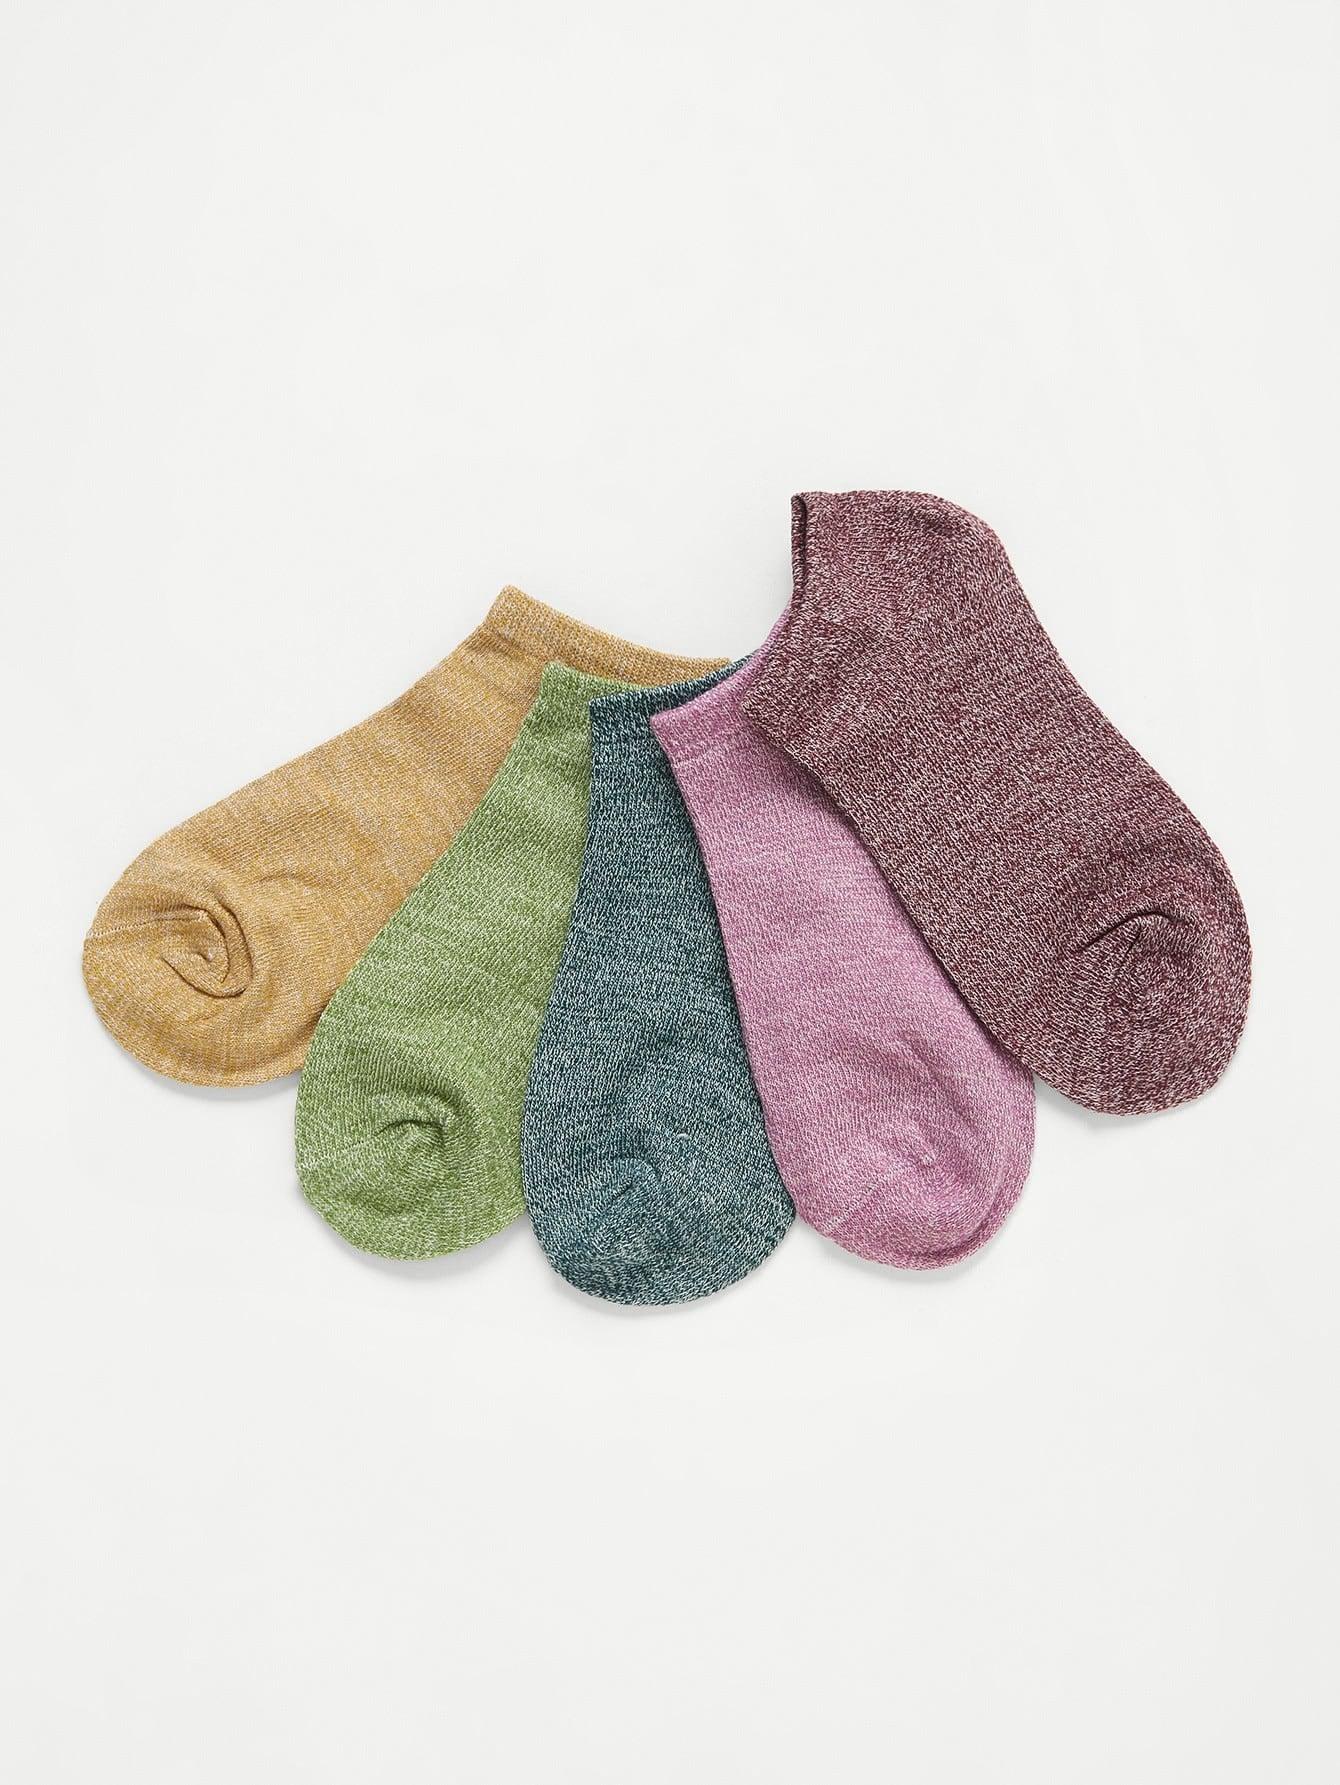 Marled Knit Socks 5pairs